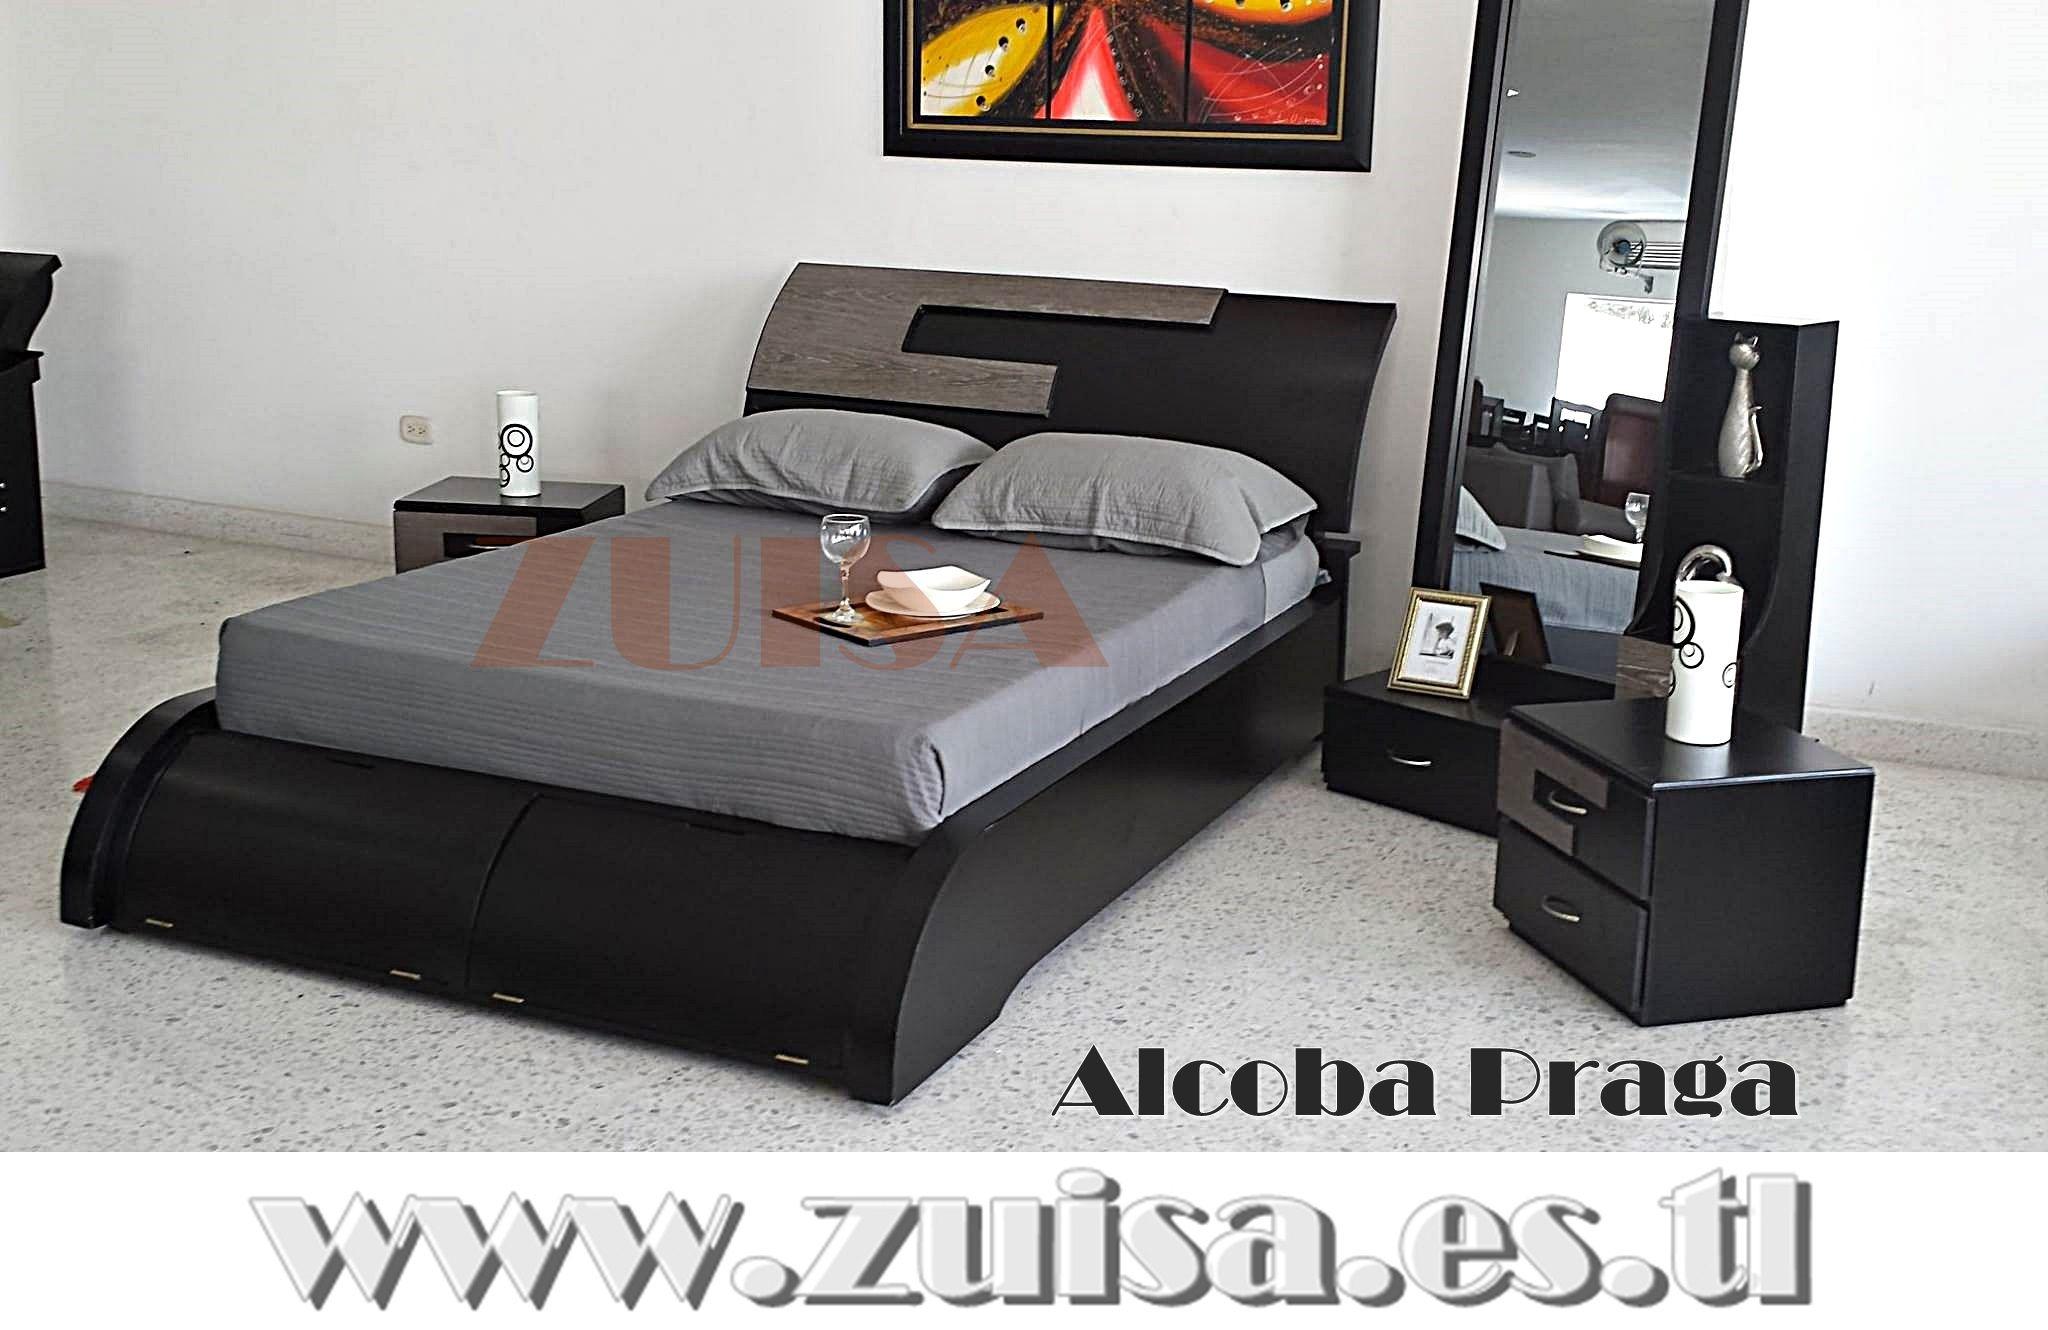 Muebles Zuisa Contemporaneas # Muebles Juegos De Alcoba